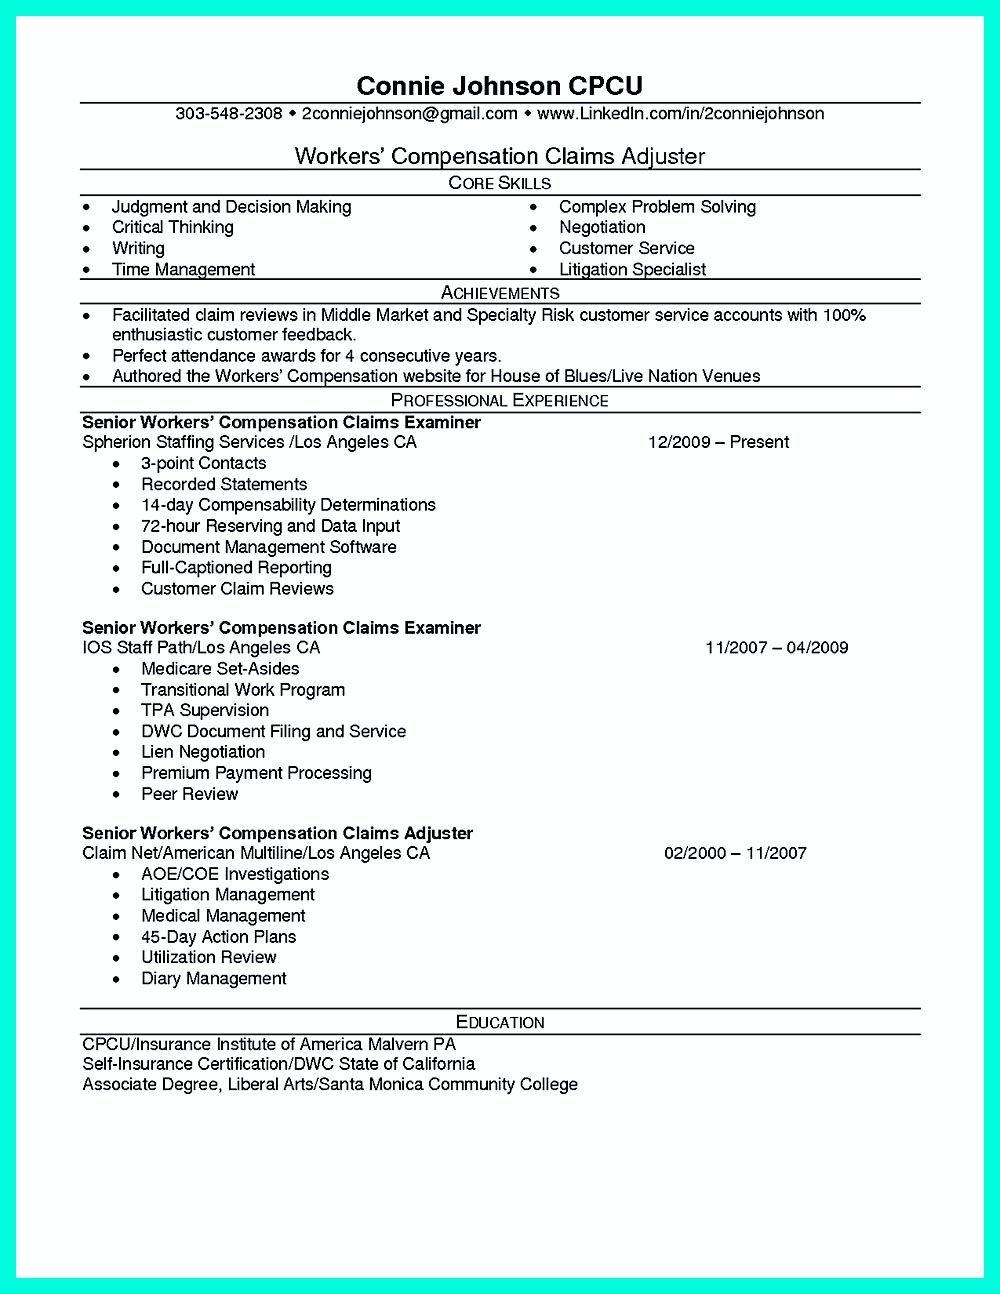 public adjuster resume sample